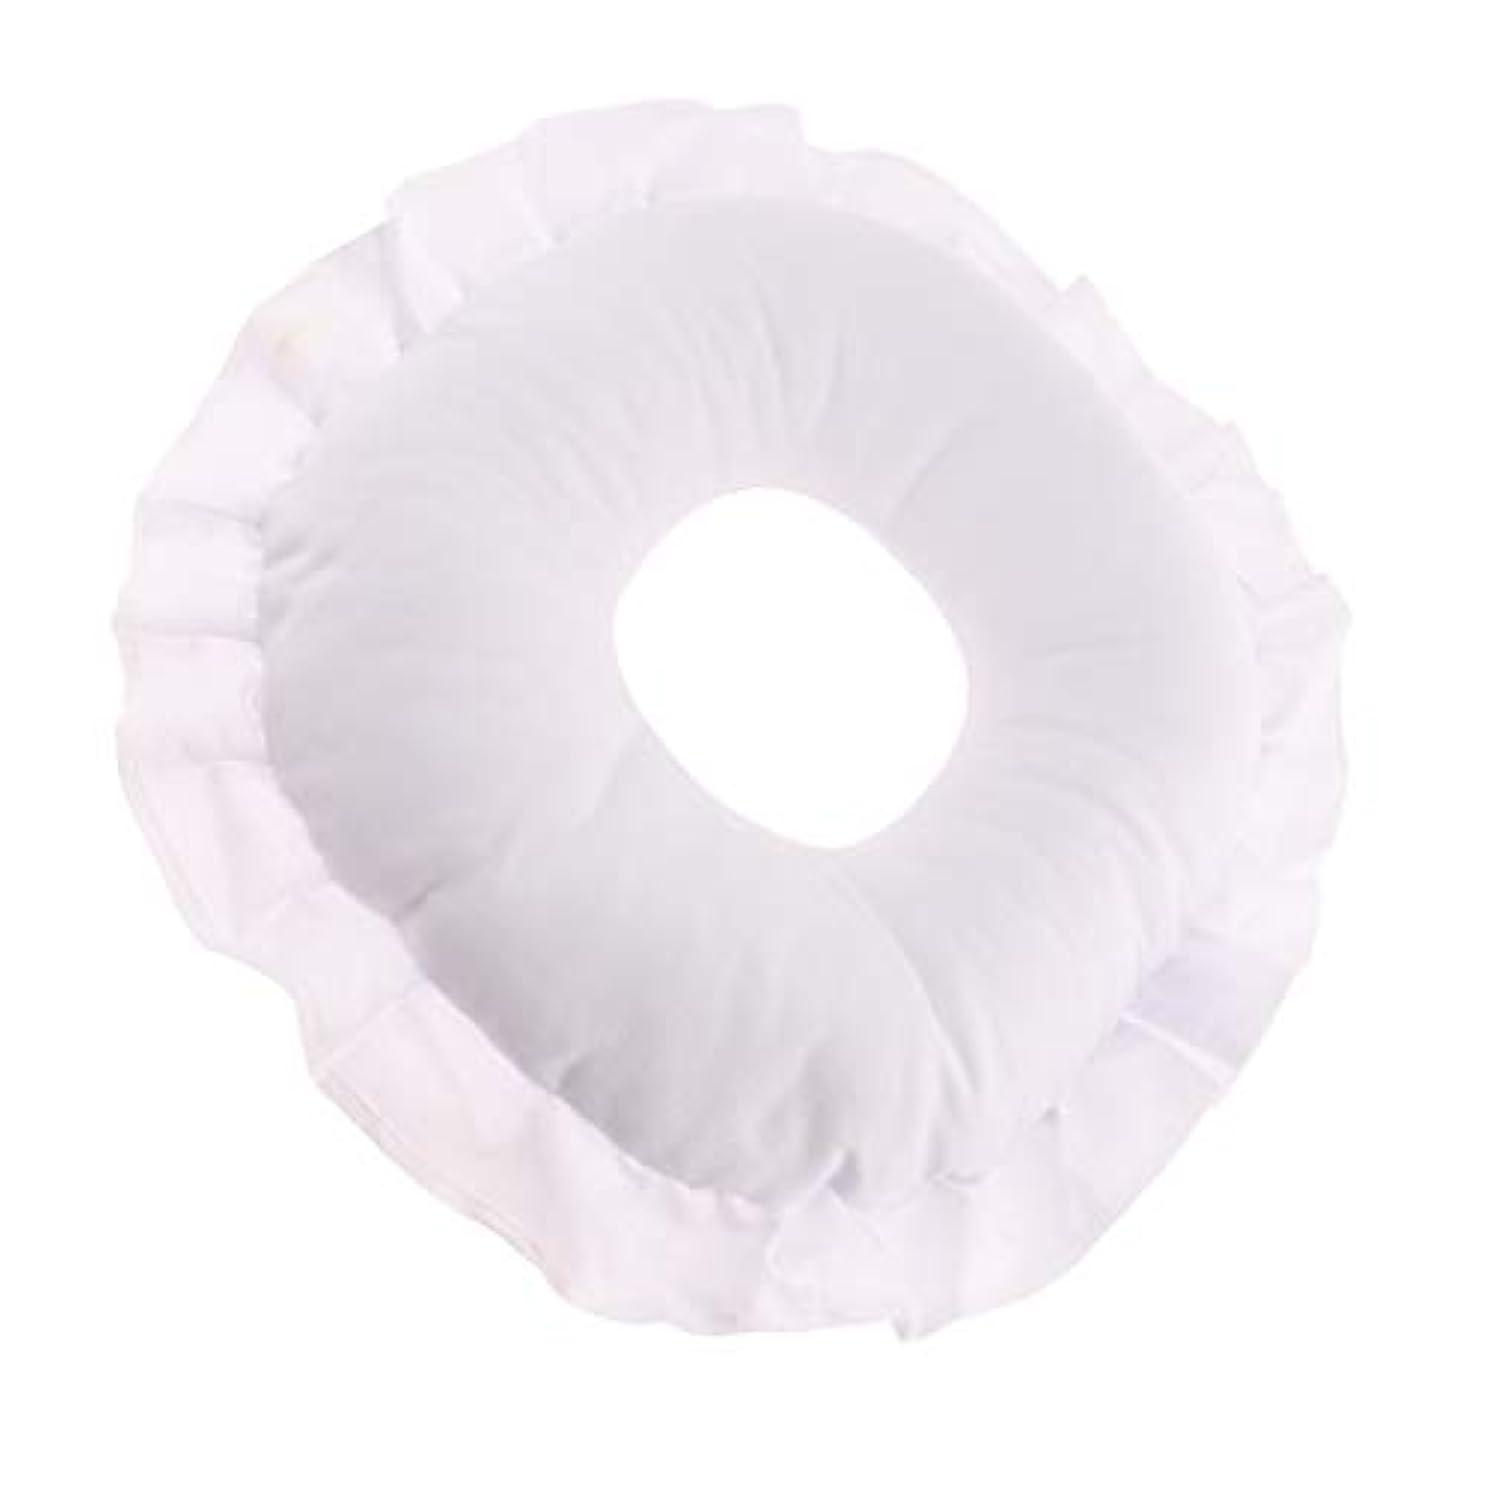 苦行スクラブ遮るCUTICATE 全3色 フェイスピロー 顔枕 マッサージ枕 マッサージテーブルピロー 柔軟 洗えるカバー リラックス - 白